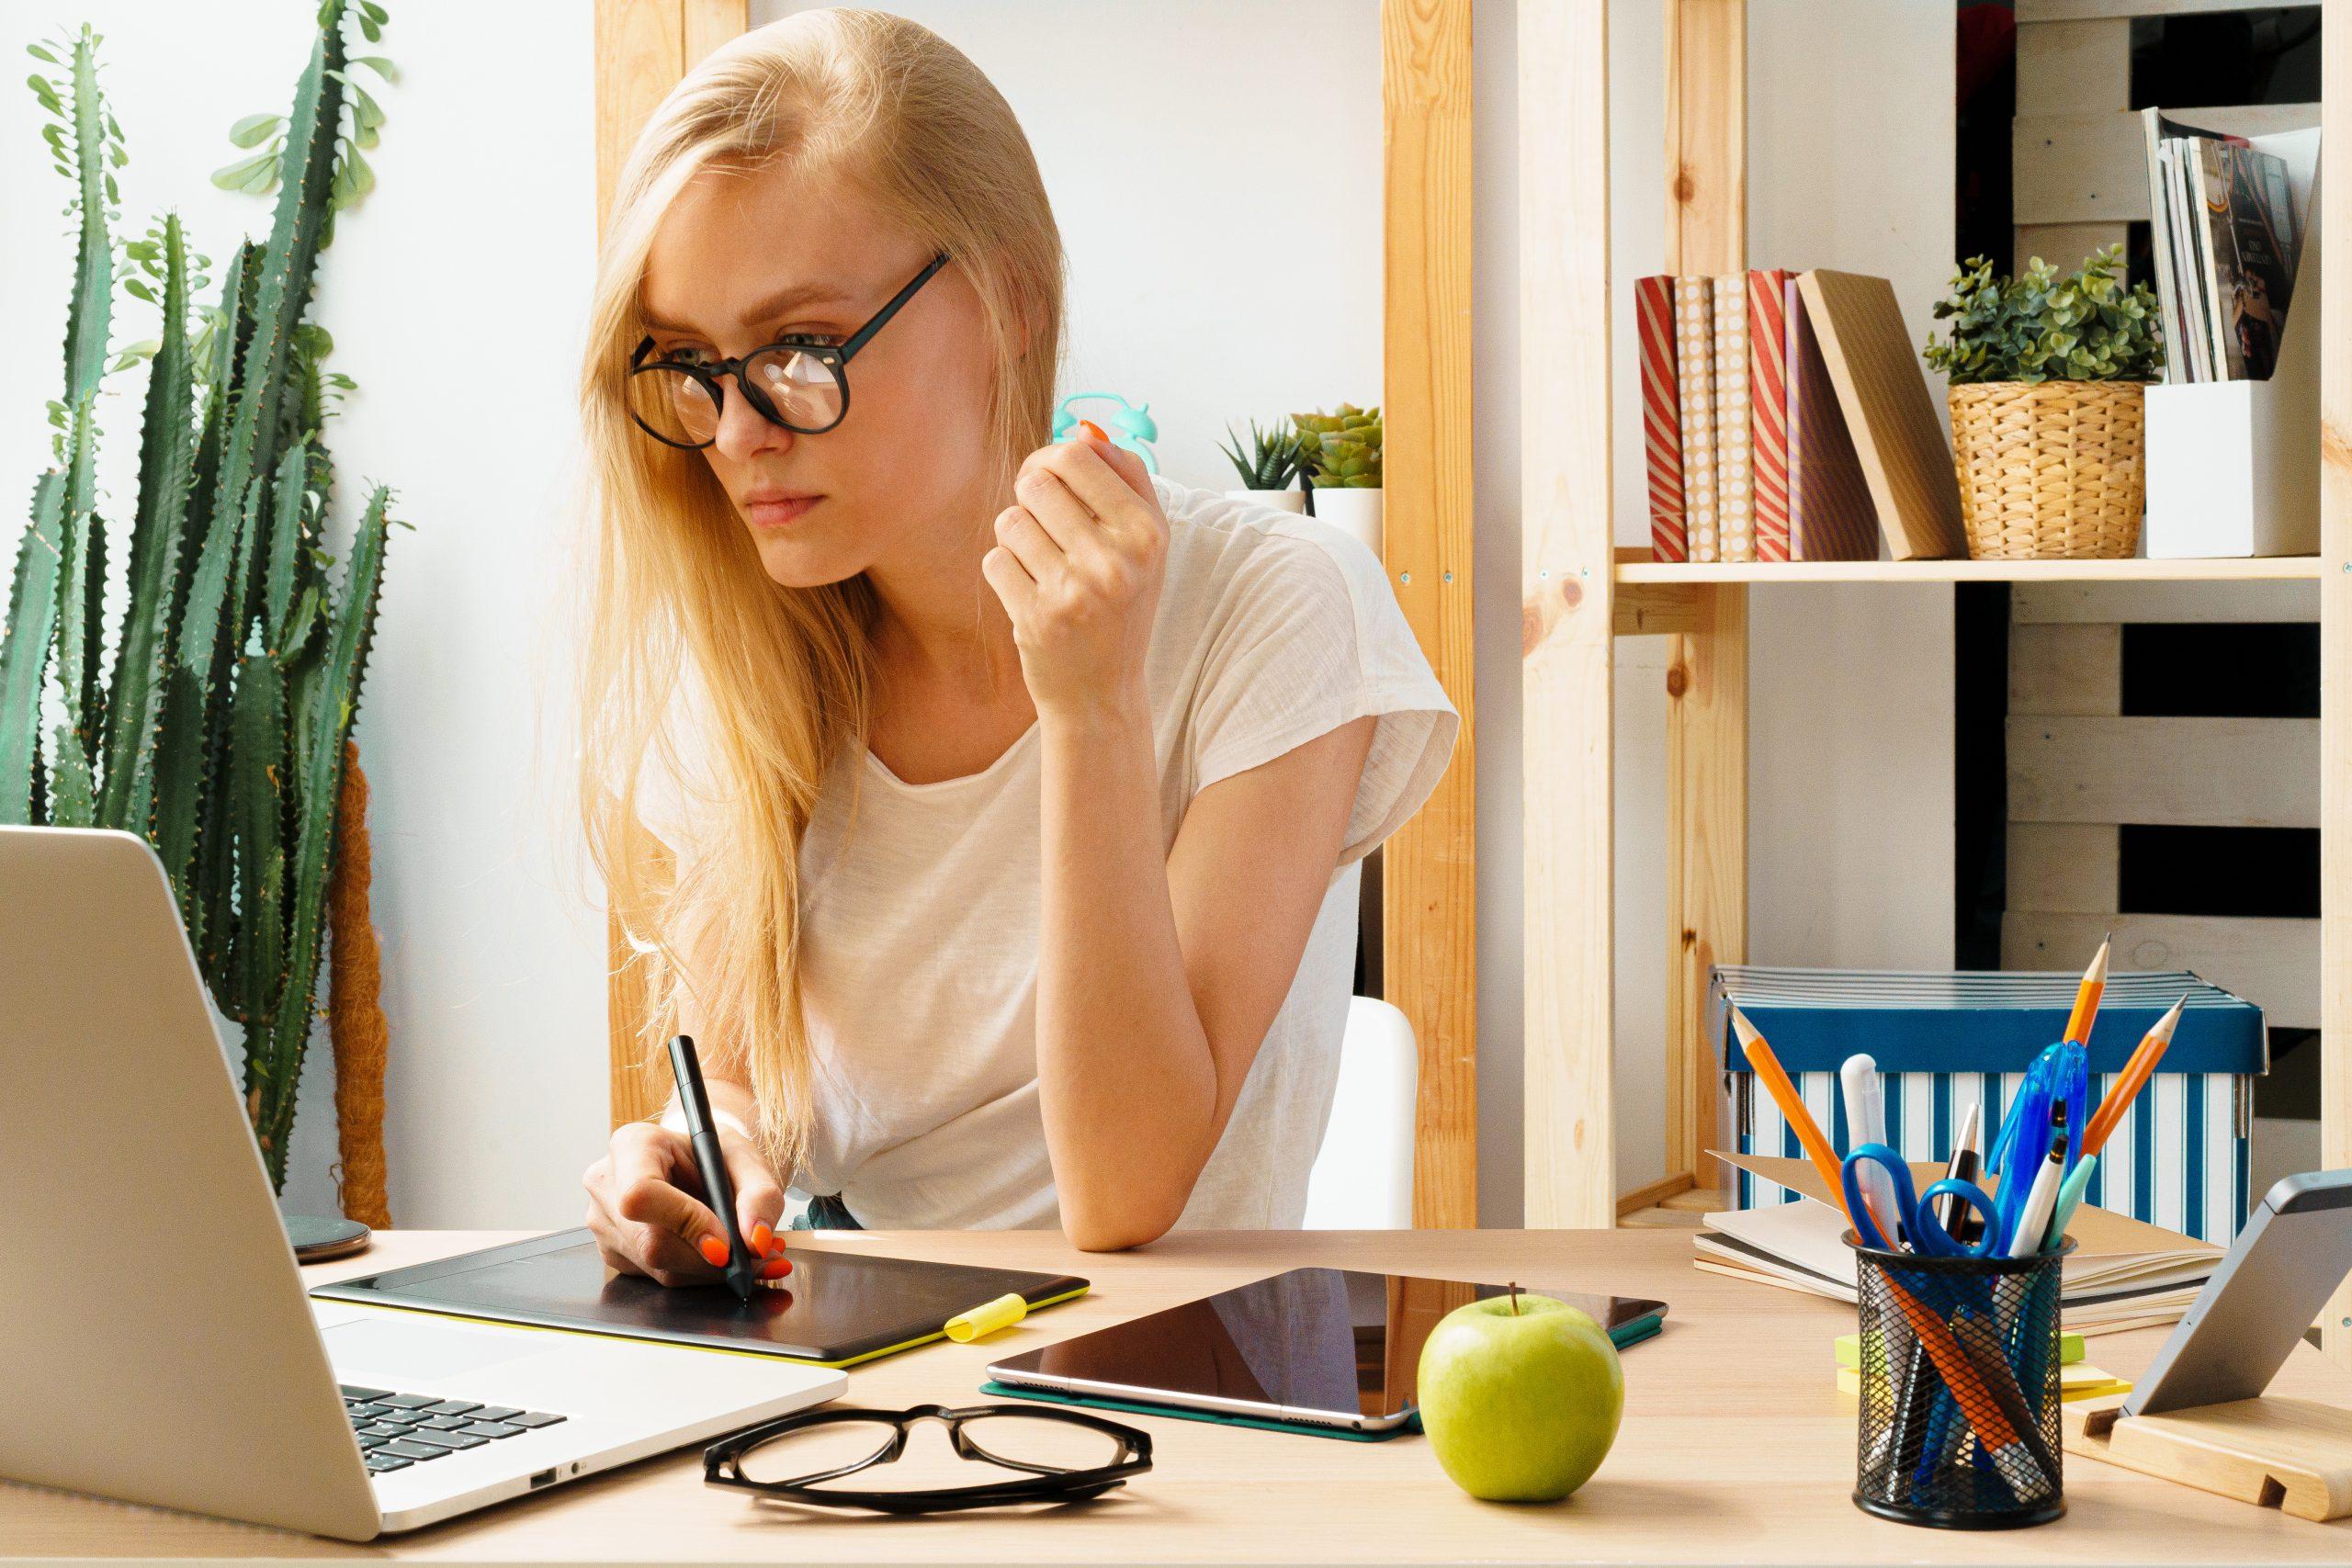 imagen de una chica trabajando con una tablet desde casa